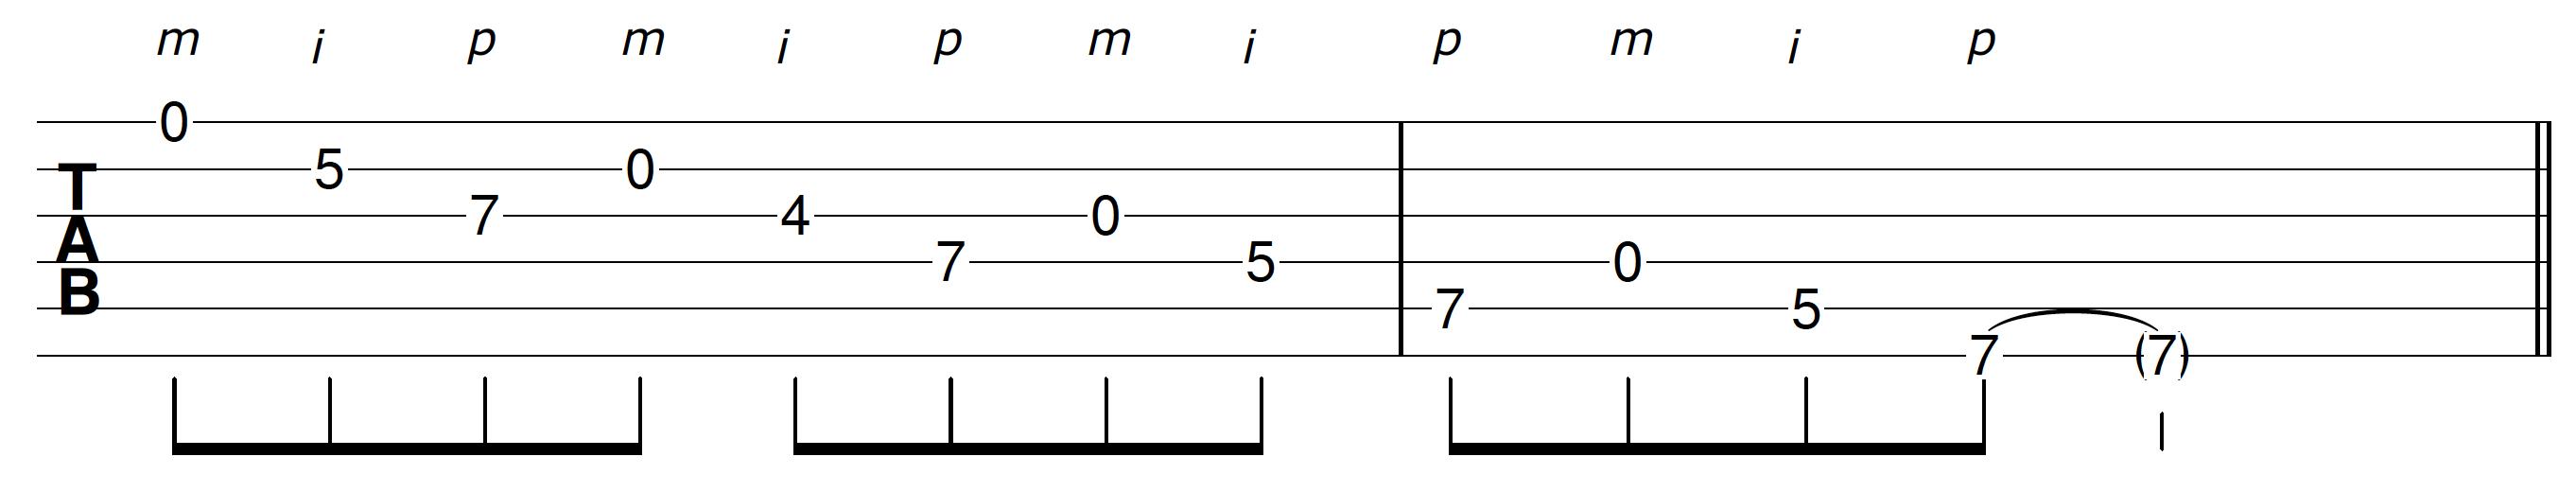 Open String Guitar Riff Pattern 3 Descending